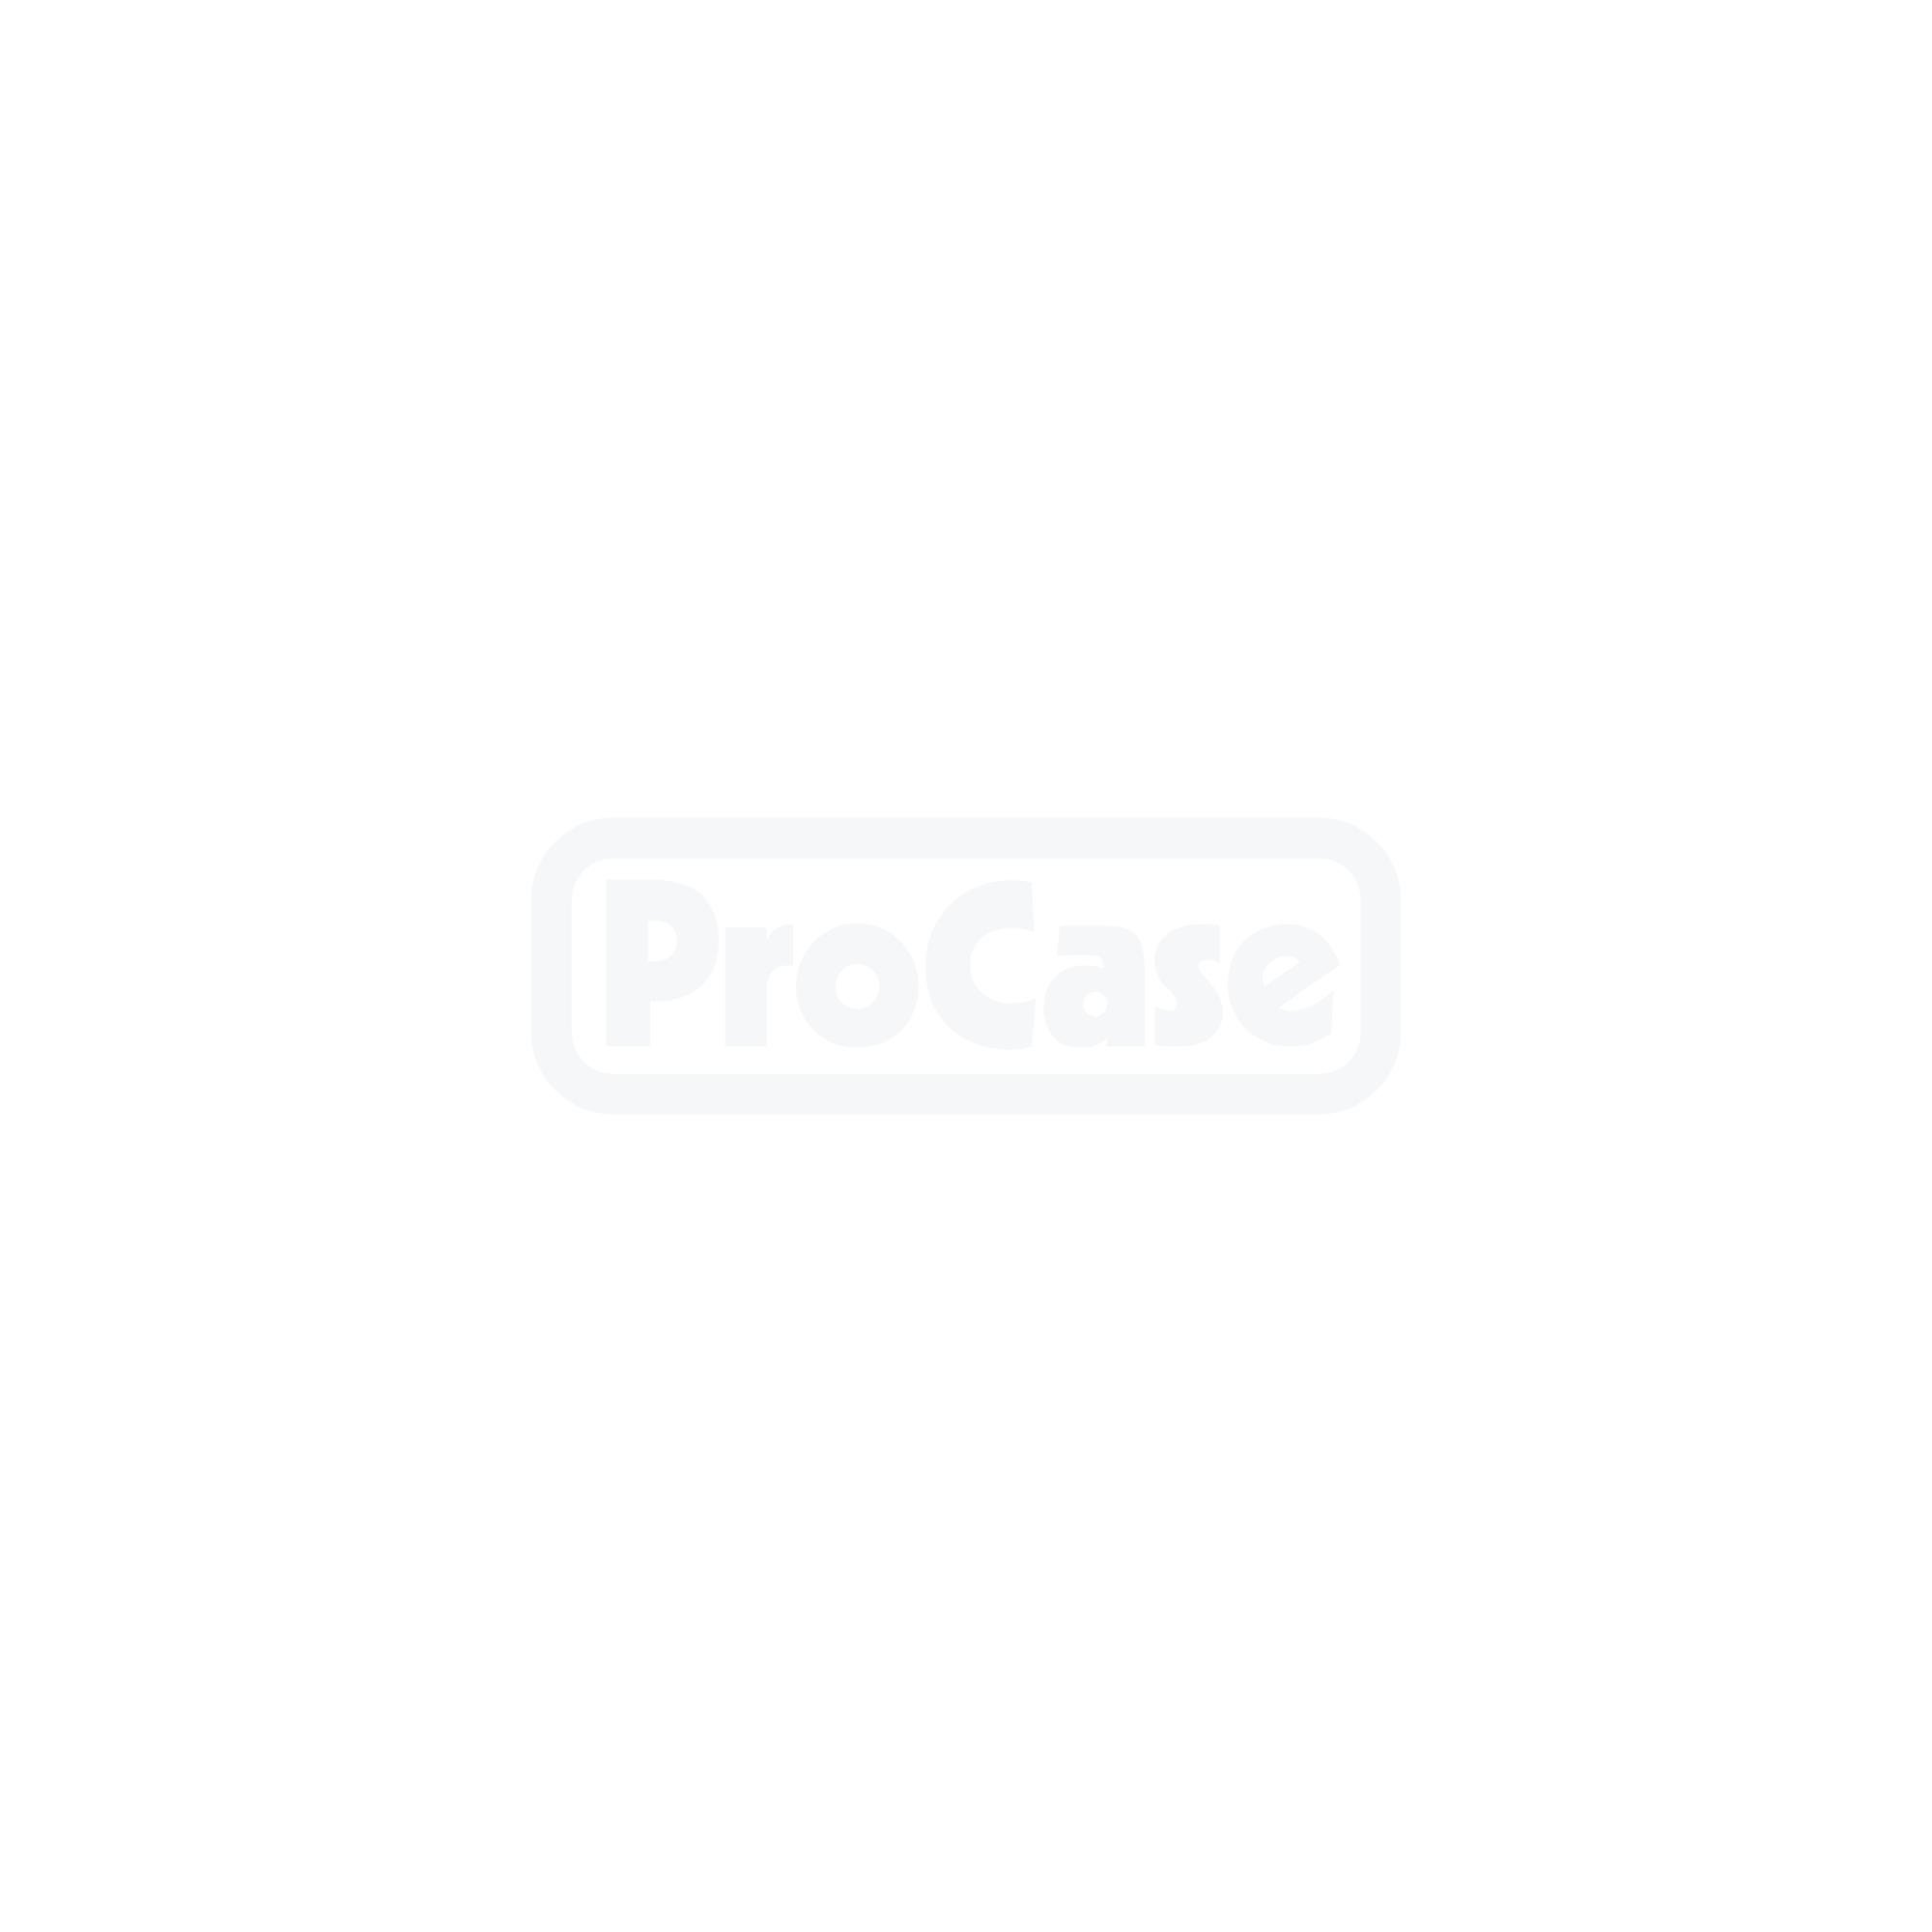 Transportwagen für 2 Shure MXCWNCS Ladestationen und 1 MXCWAPT